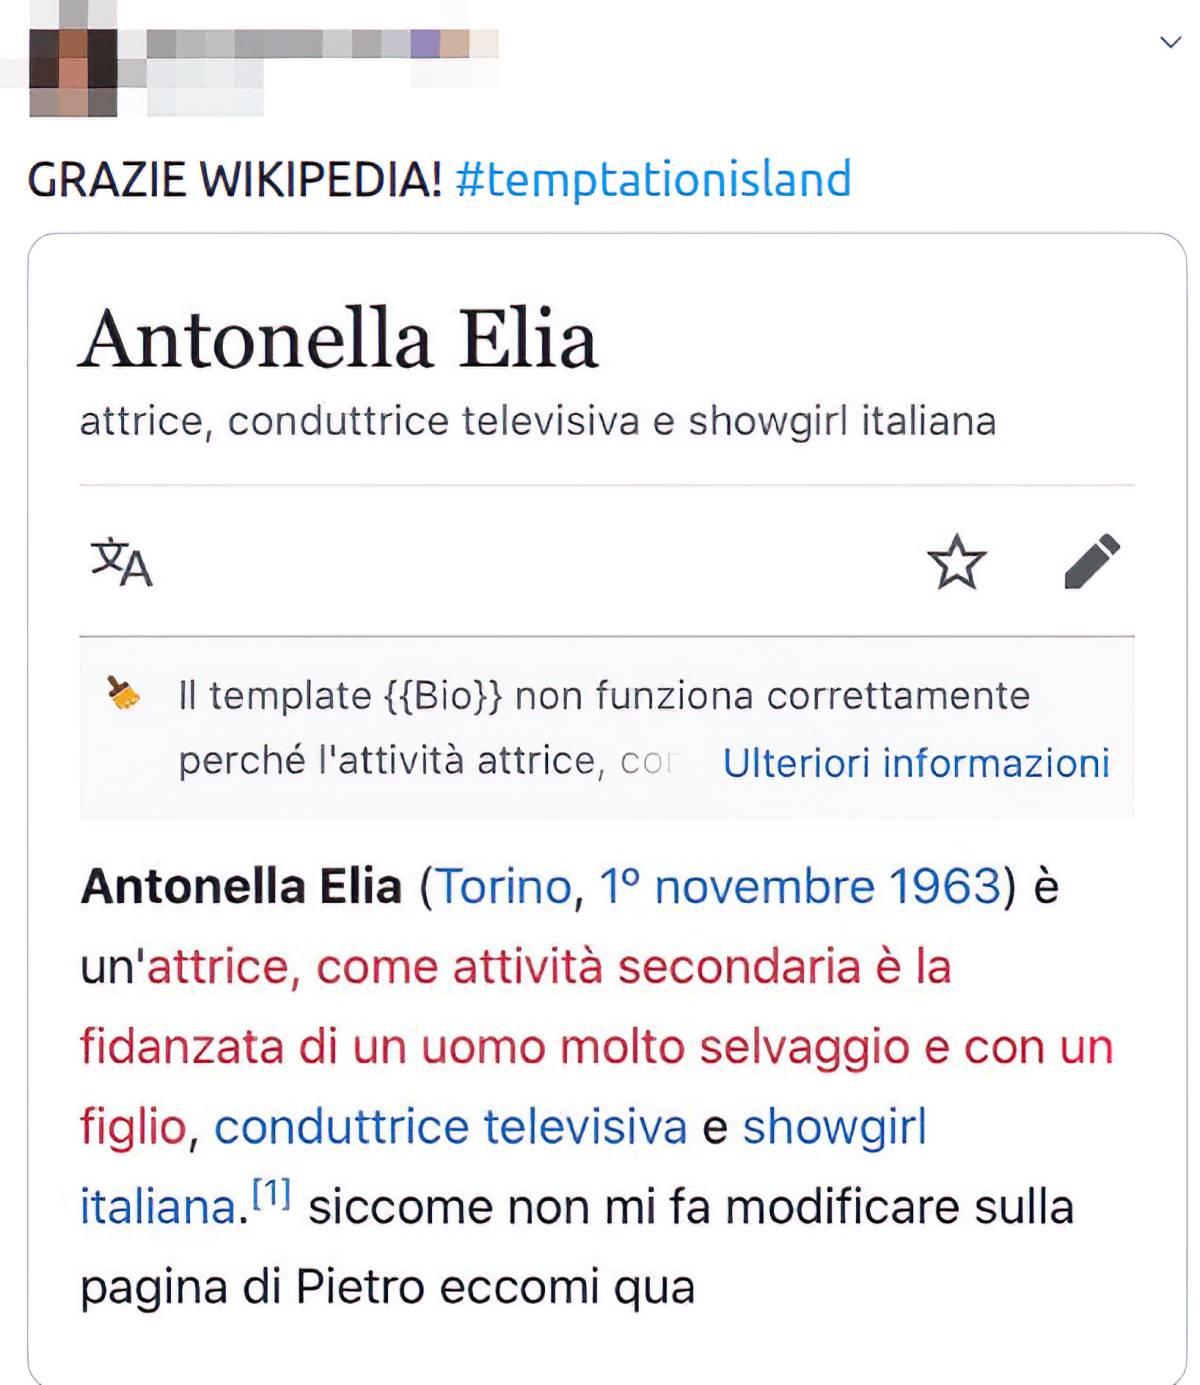 screenshot dalla pagina Wikipedia di Antonella Elia